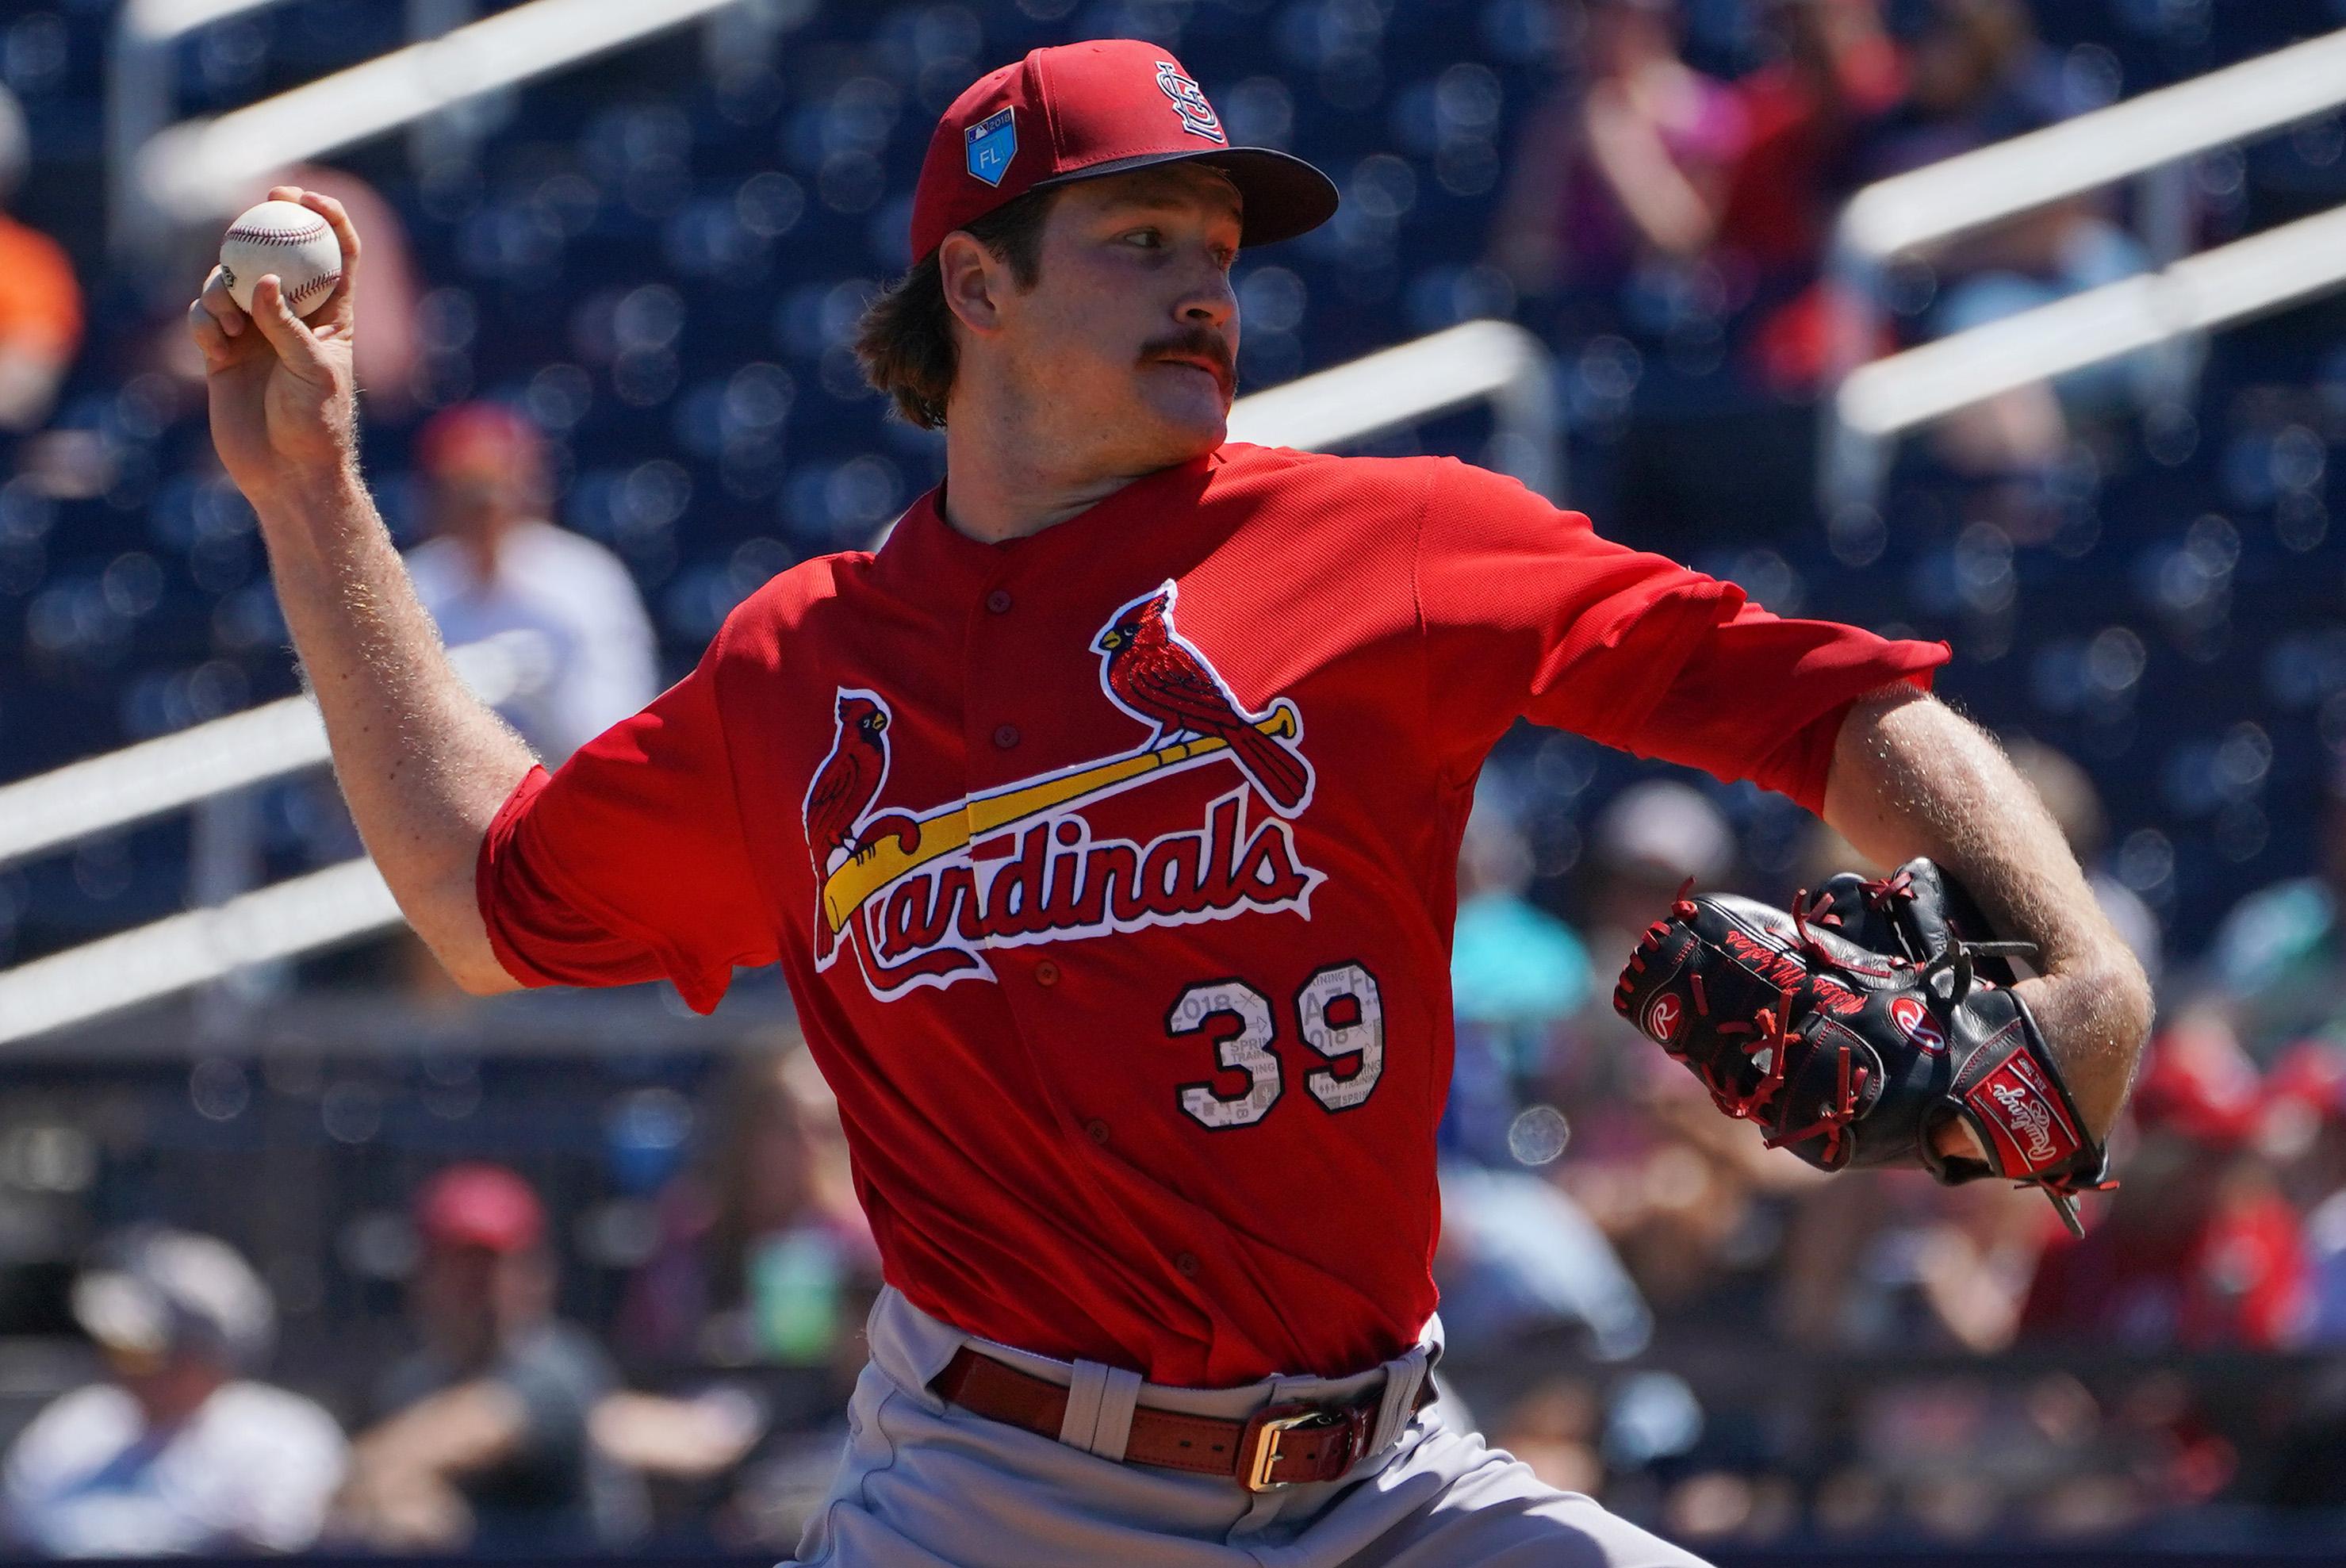 MLB: Spring Training-St. Louis Cardinals at Washington Nationals